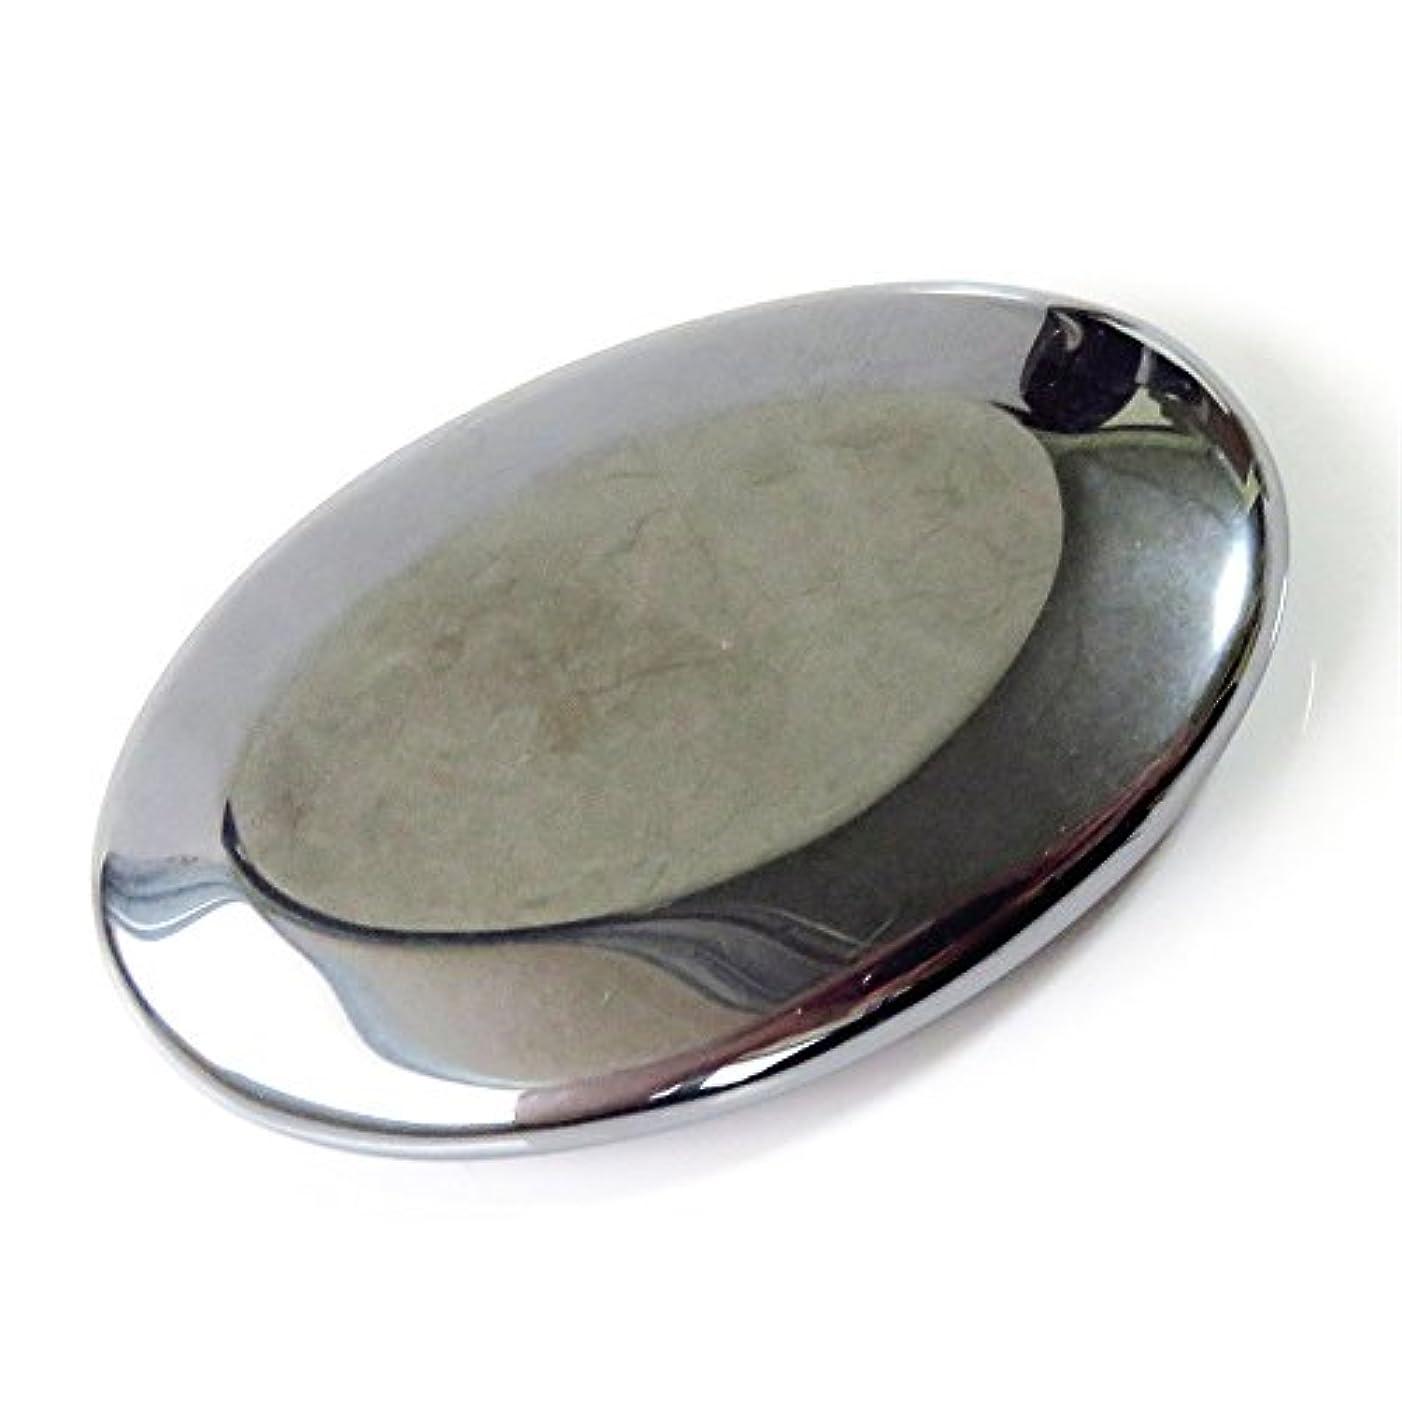 支給結婚したぼかすエステ業界も注目 テラヘルツ鉱石かっさプレート 楕円型